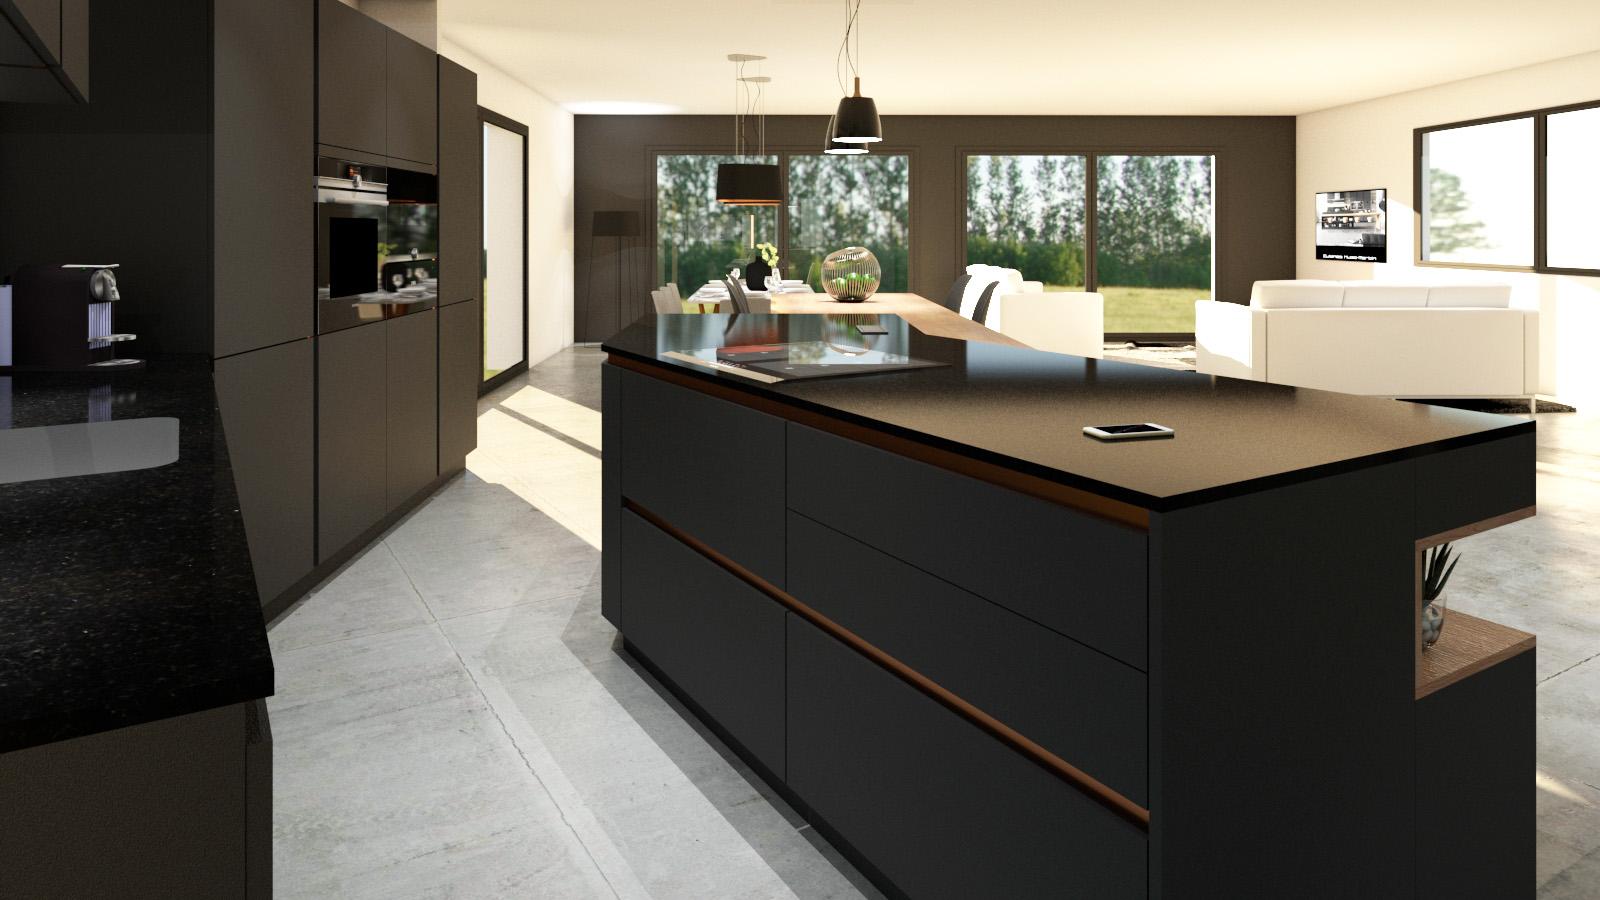 ilot design finest separation room kitchen living room ilot design with ilot design great. Black Bedroom Furniture Sets. Home Design Ideas